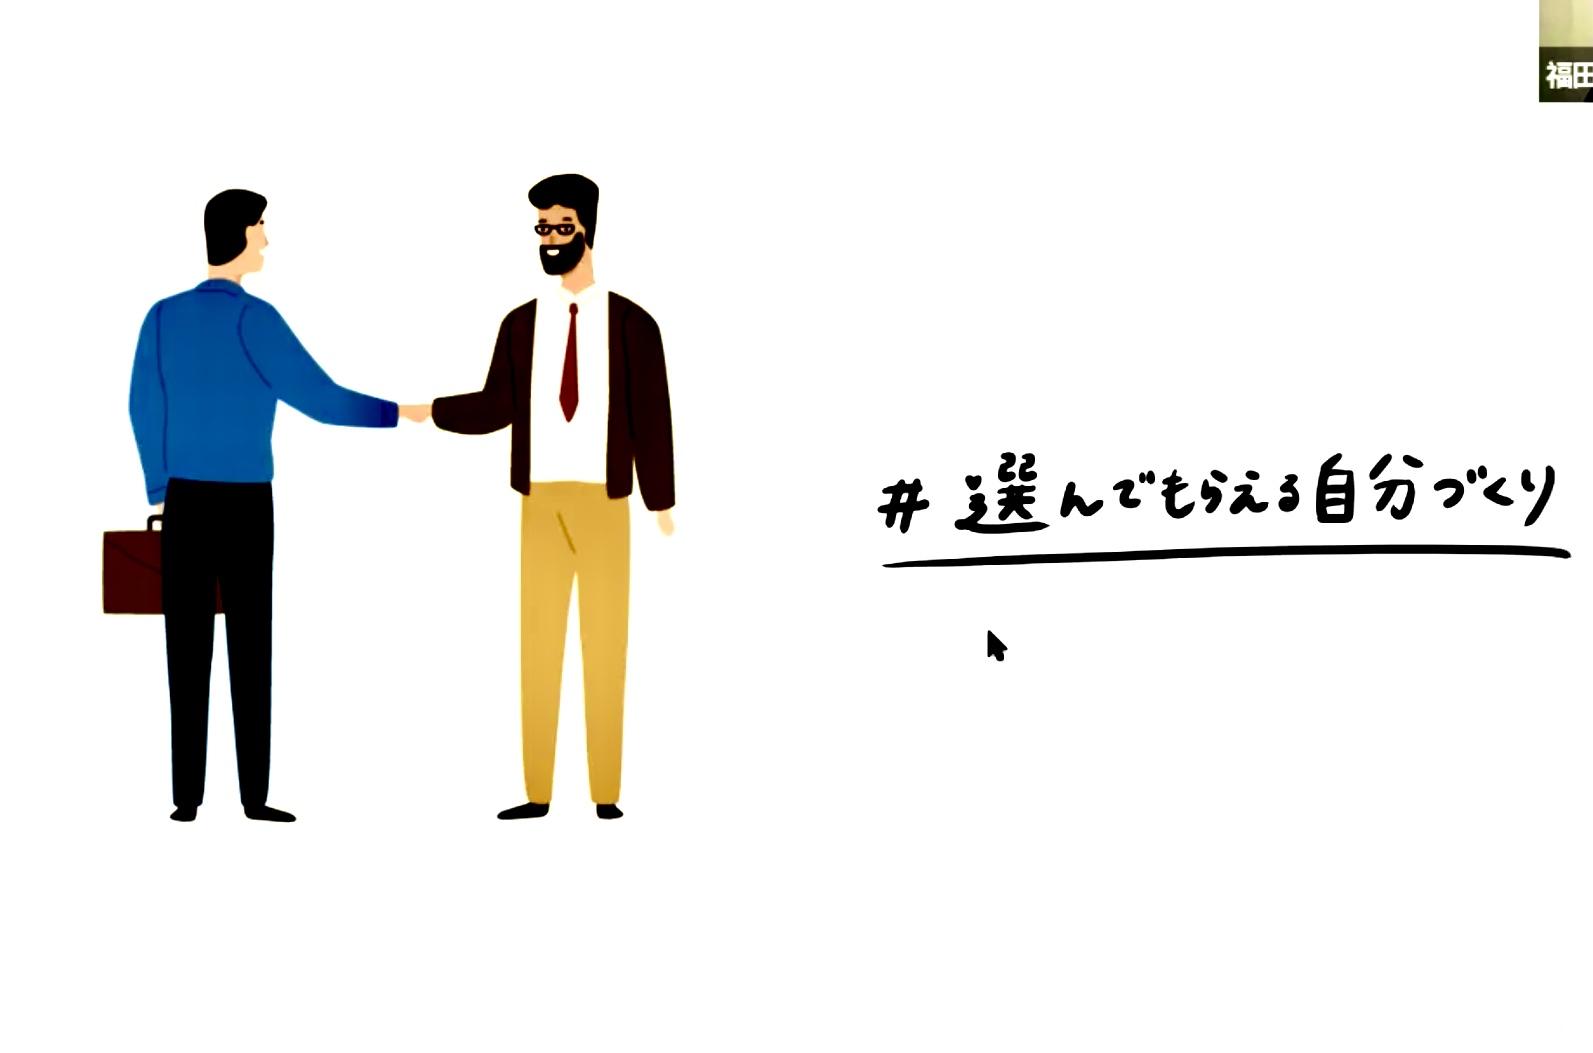 人と人が握手するイラスト